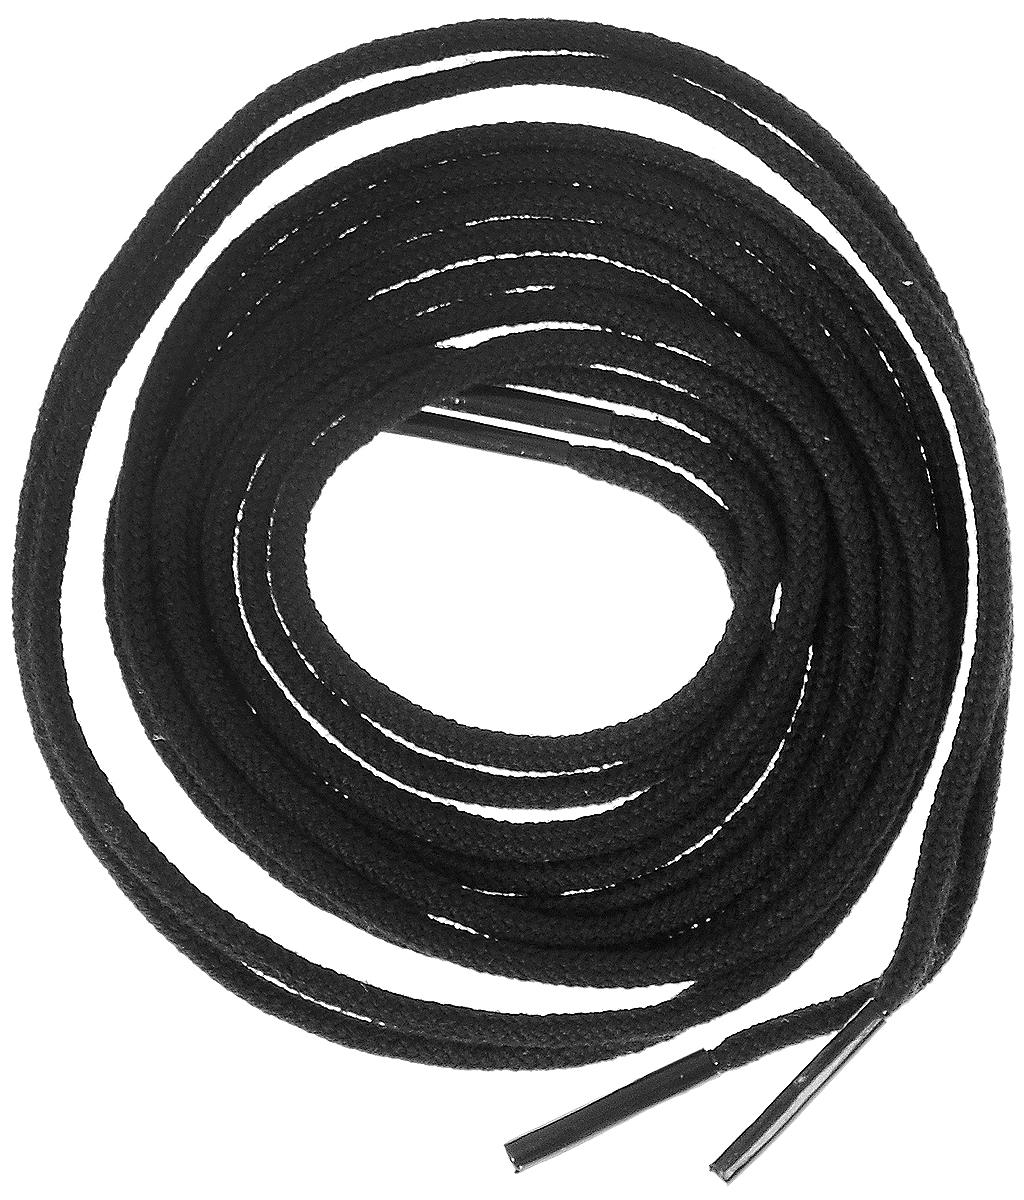 Шнурки тонкие Collonil Rund, цвет: черный, длина 90 см4304 000Тонкие шнурки Collonil Rund изготовлены из 75% хлопка и 25% полиамида. Крепкие и удобные шнурки являются неотъемлемым аксессуаром и подходят для ношения модельной или предназначенной для отдыха и туризма обуви. Подходят для обуви с двенадцатью отверстиями.